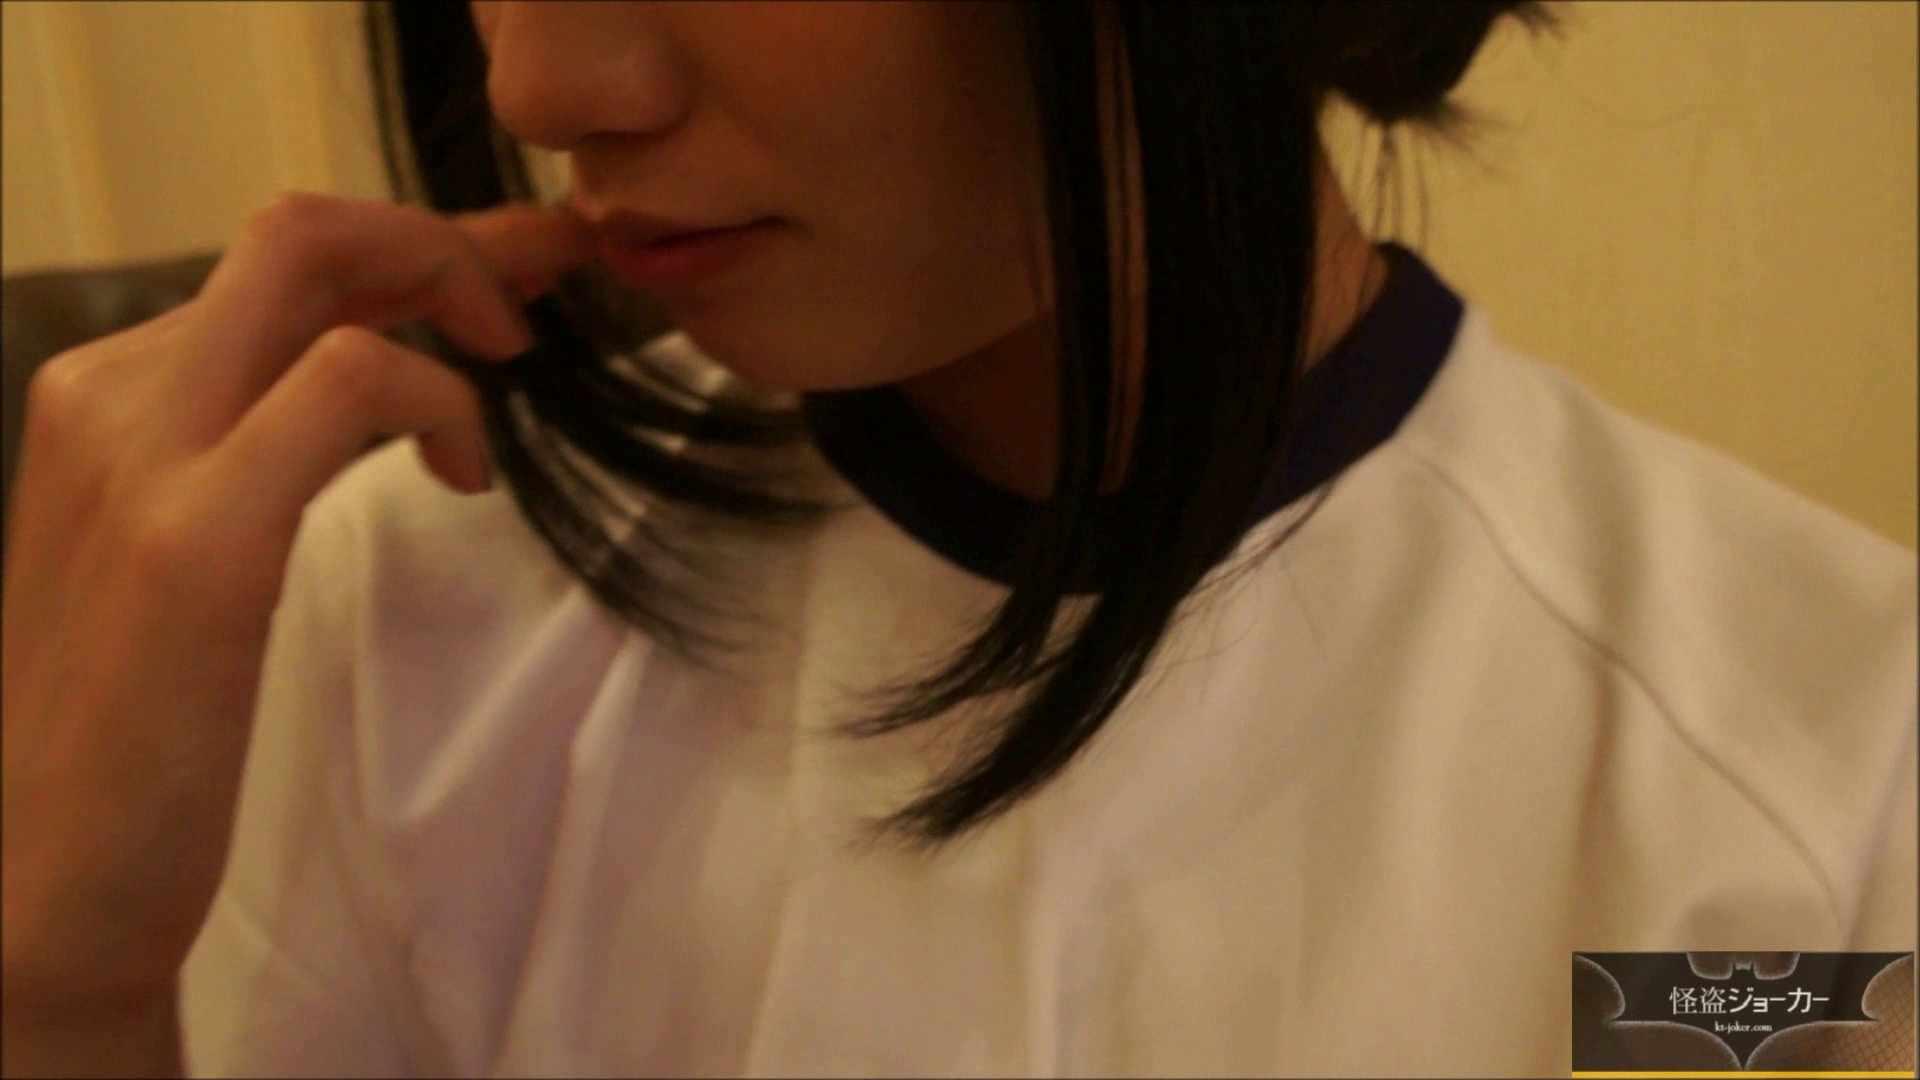 【未公開】vol.42 体操着の小春・・・口淫・自慰・非避妊 いじくり | 高画質  93枚 31